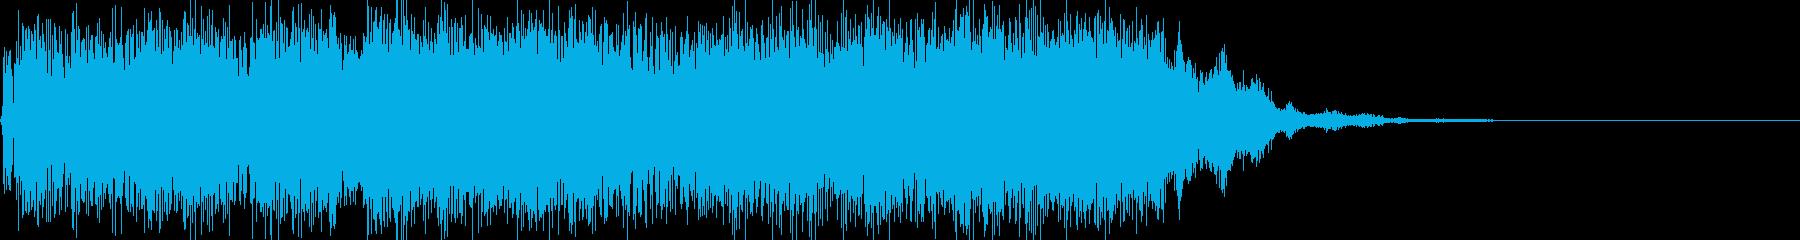 キャッチーでおしゃれなロゴの再生済みの波形